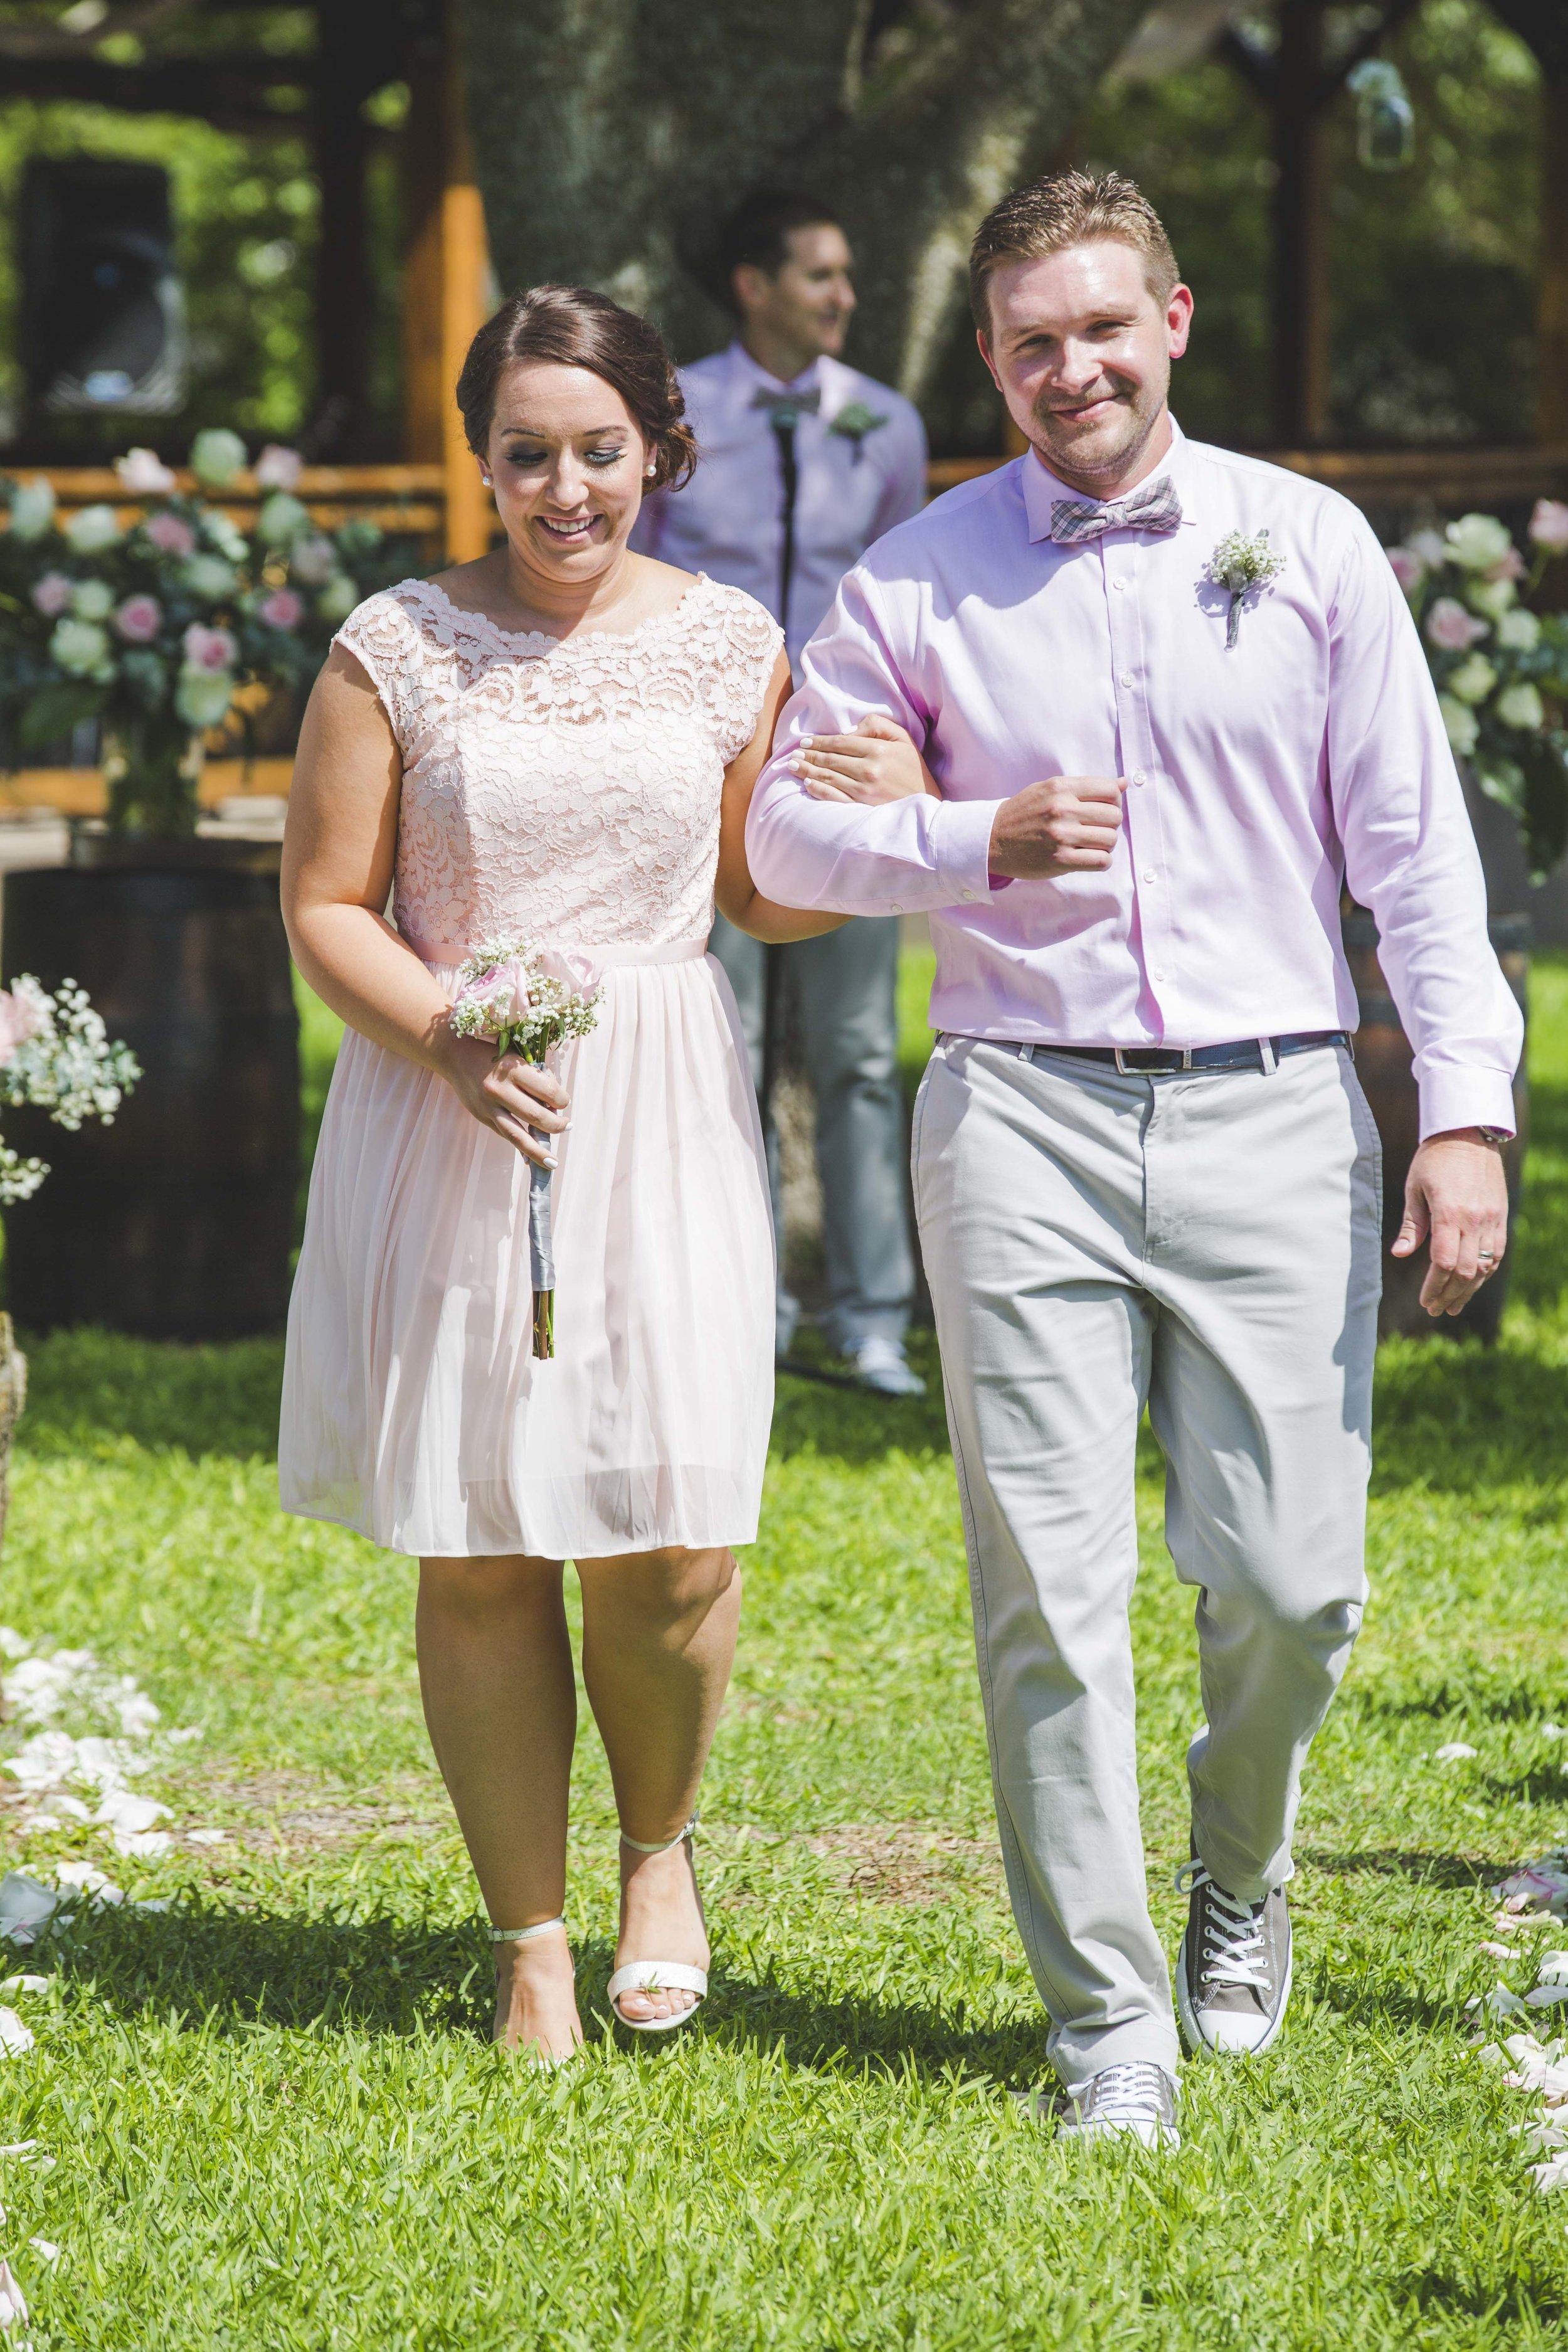 ATGI_Susanna & Matt Wedding_717A7889.jpg